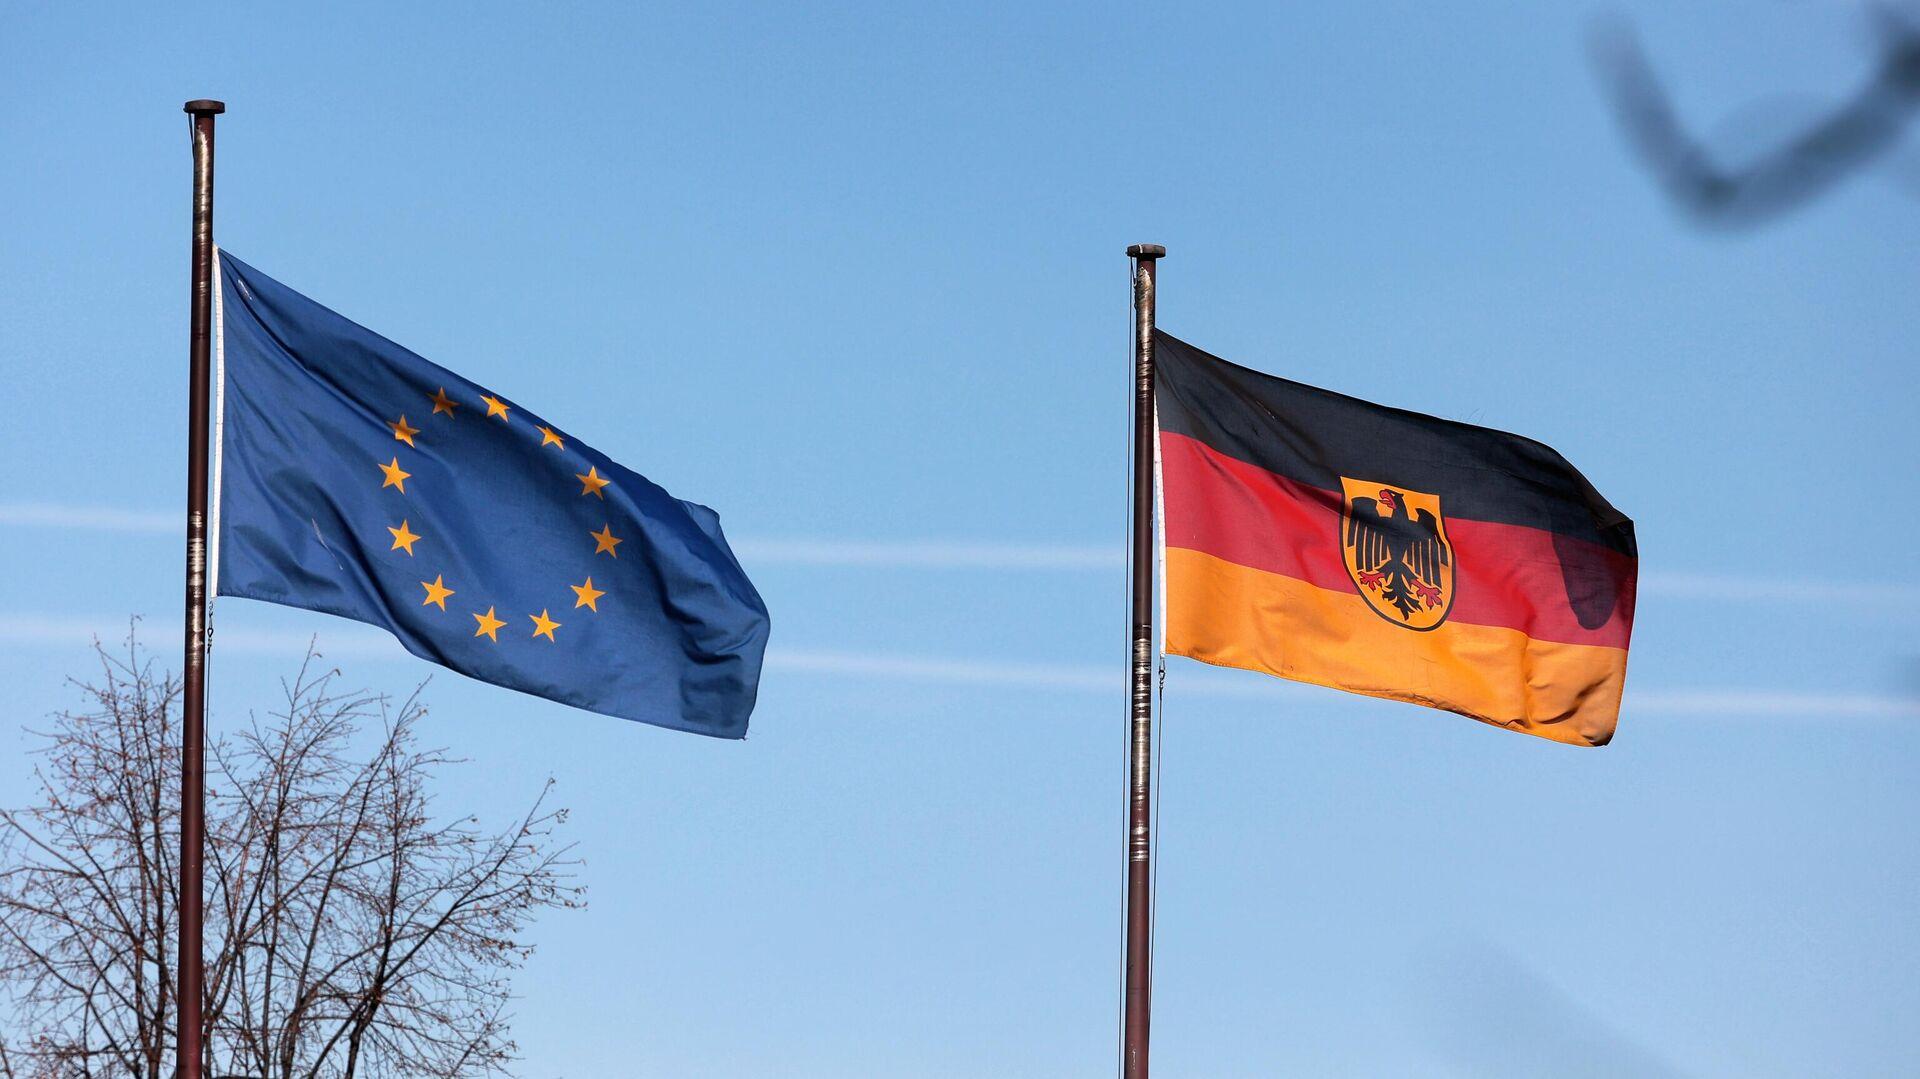 Флаги на территории посольства Германии в Москве - РИА Новости, 1920, 11.06.2021